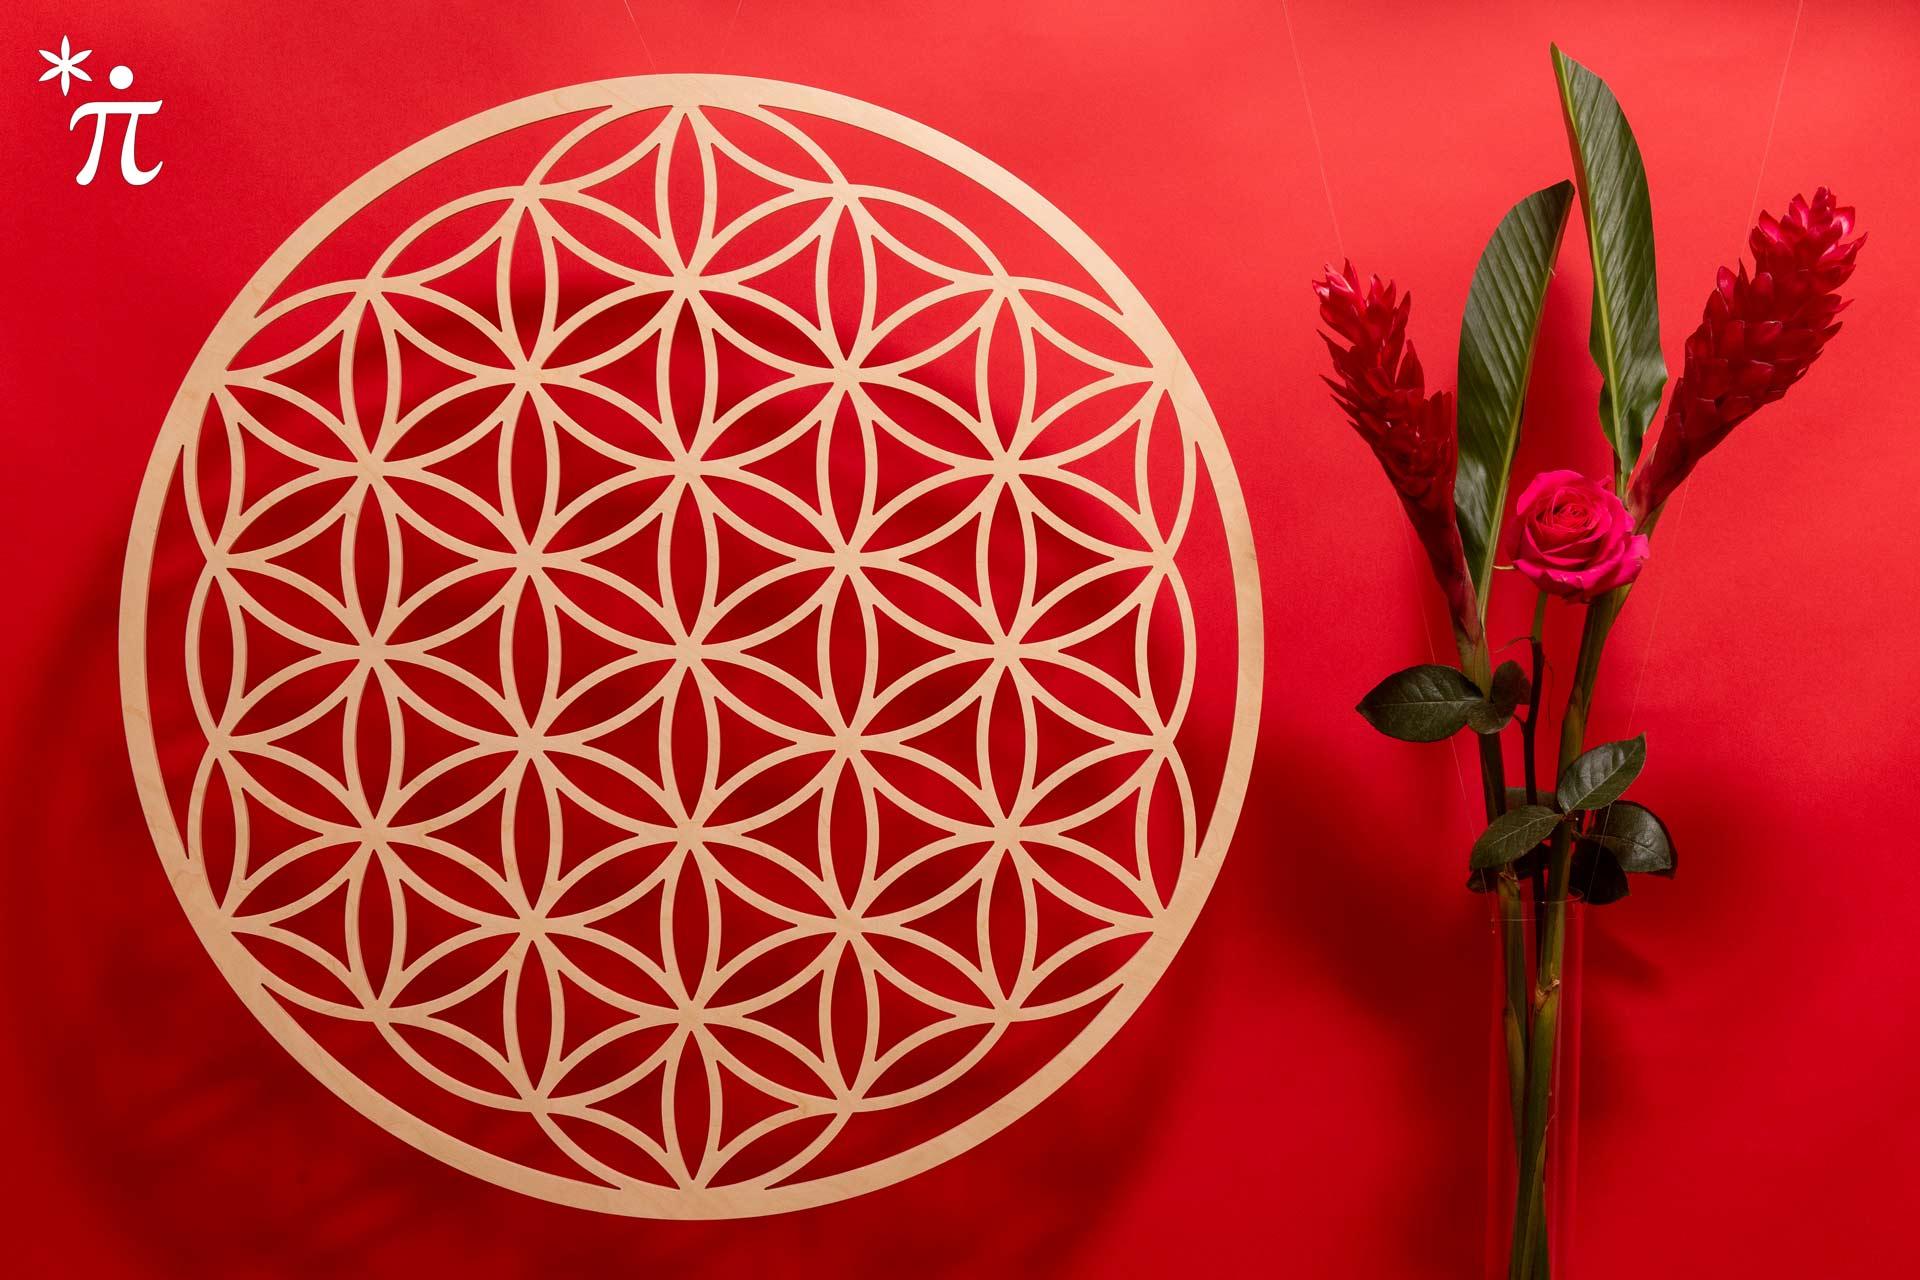 Blume-des-Lebens-aus-Holz-77cm-Birke-rote-Wand-mit-Rose-und-Ginger